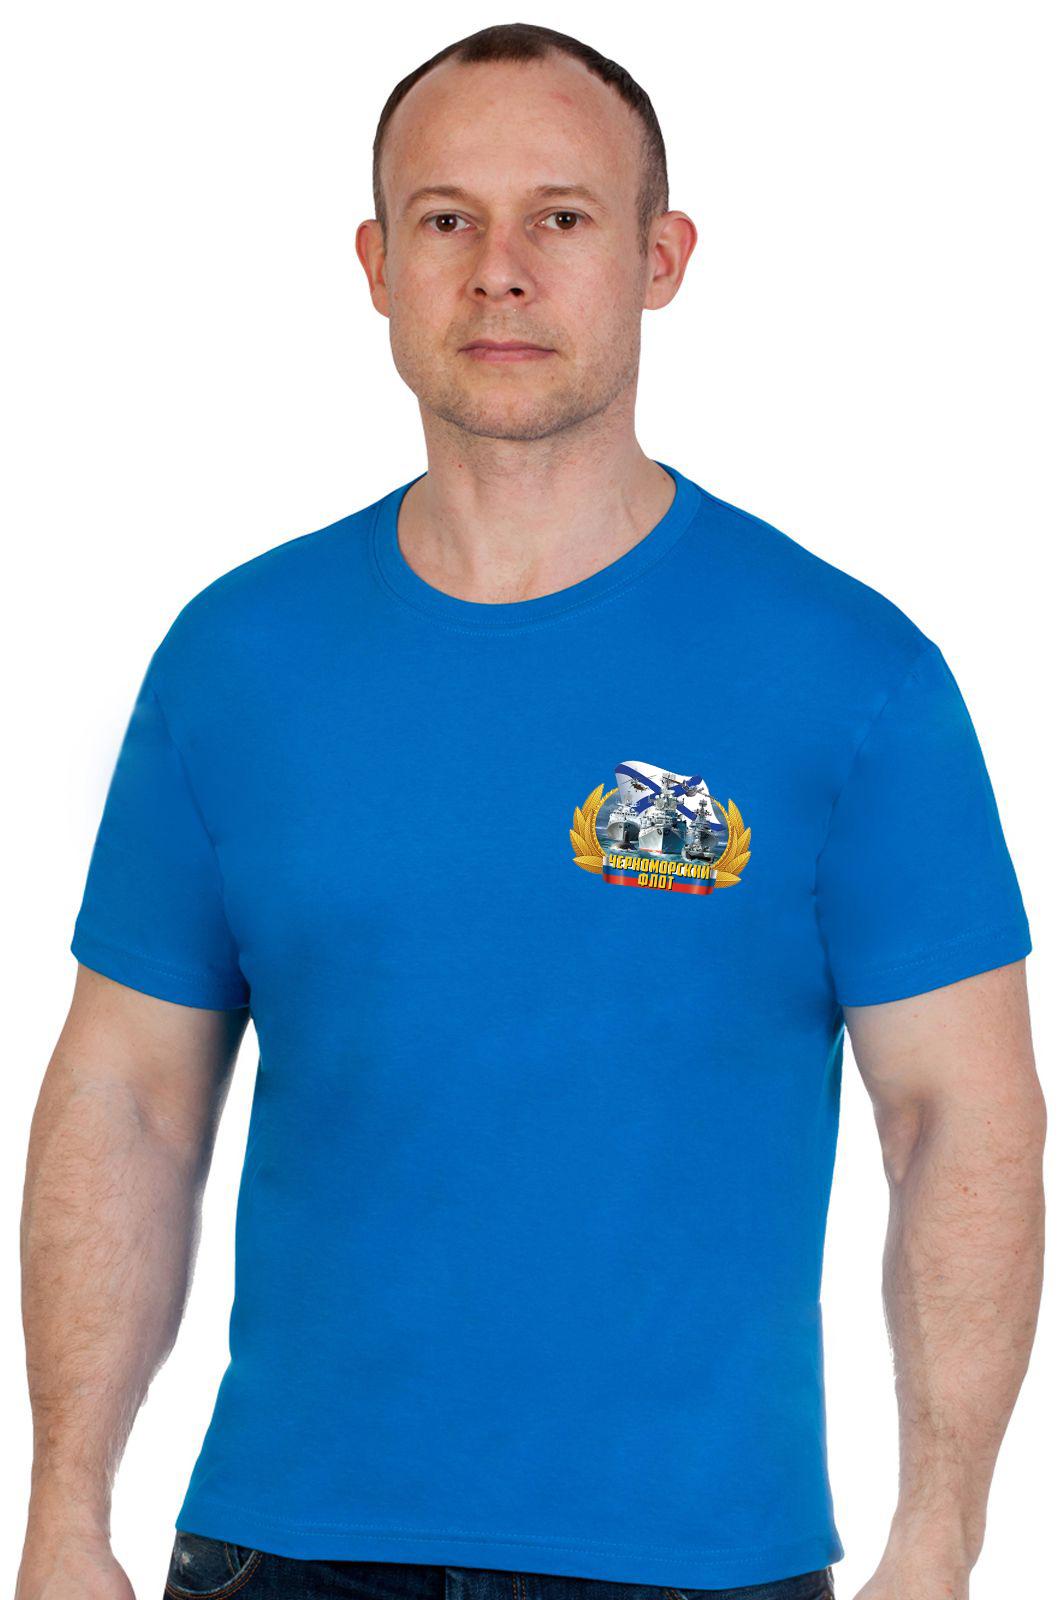 Тематическая футболка Черноморский флот - купить выгодно